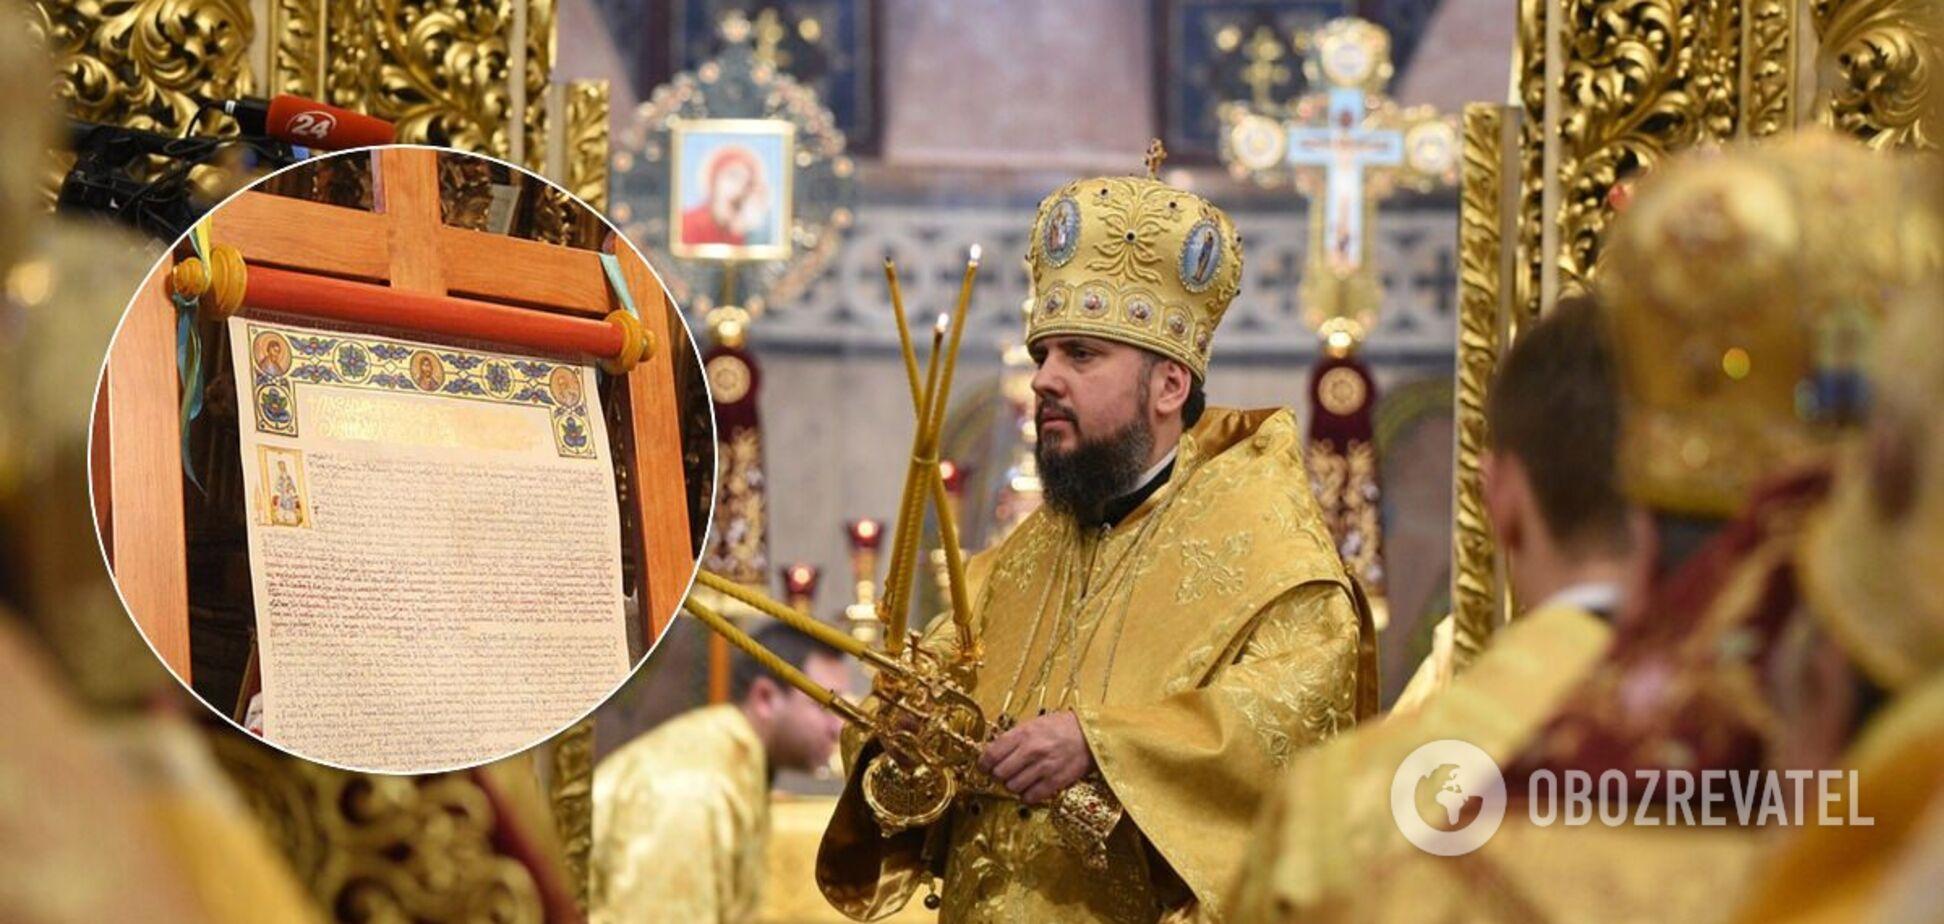 Митрополит Драбинко заявив про 'гібридне визнання' ПЦУ